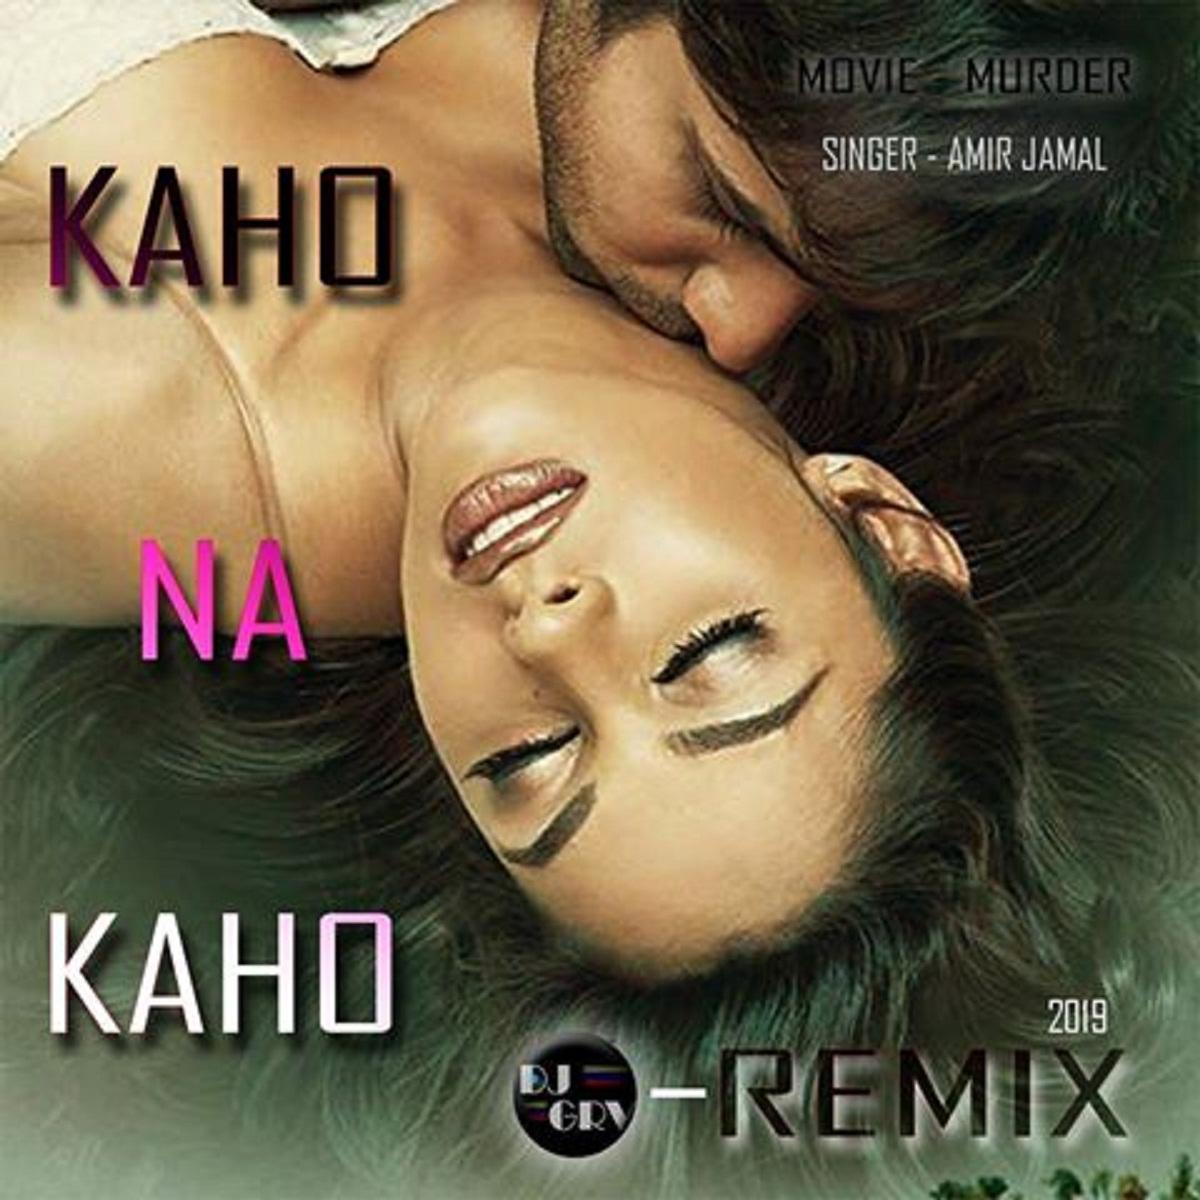 Kaho Na Kaho ( Murder ) Amir Jamal - Dj Grv Remix 2019